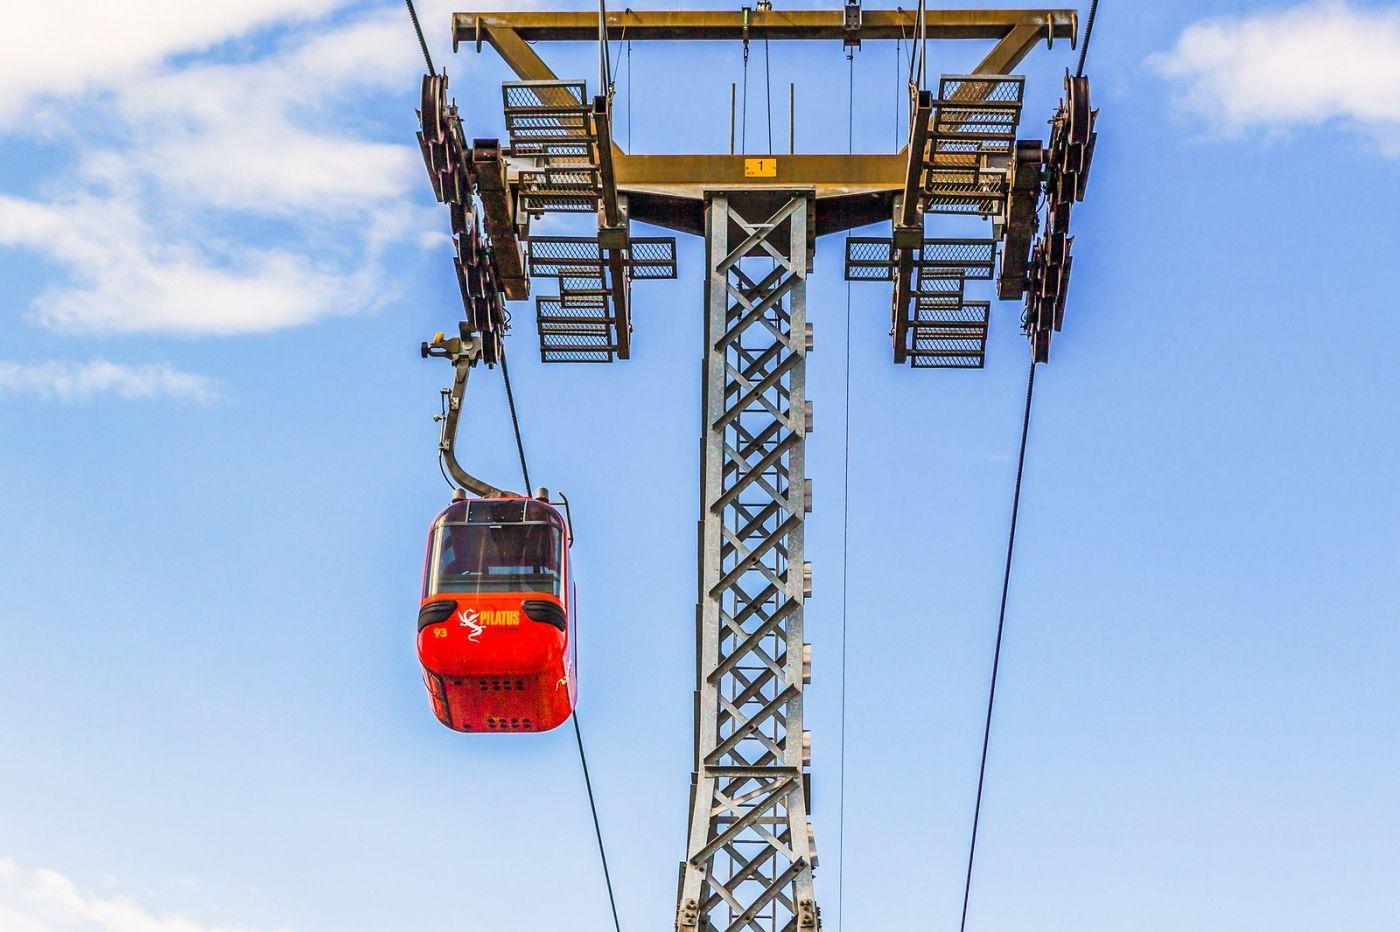 瑞士卢塞恩(Lucerne),坐缆车看风景_图1-7